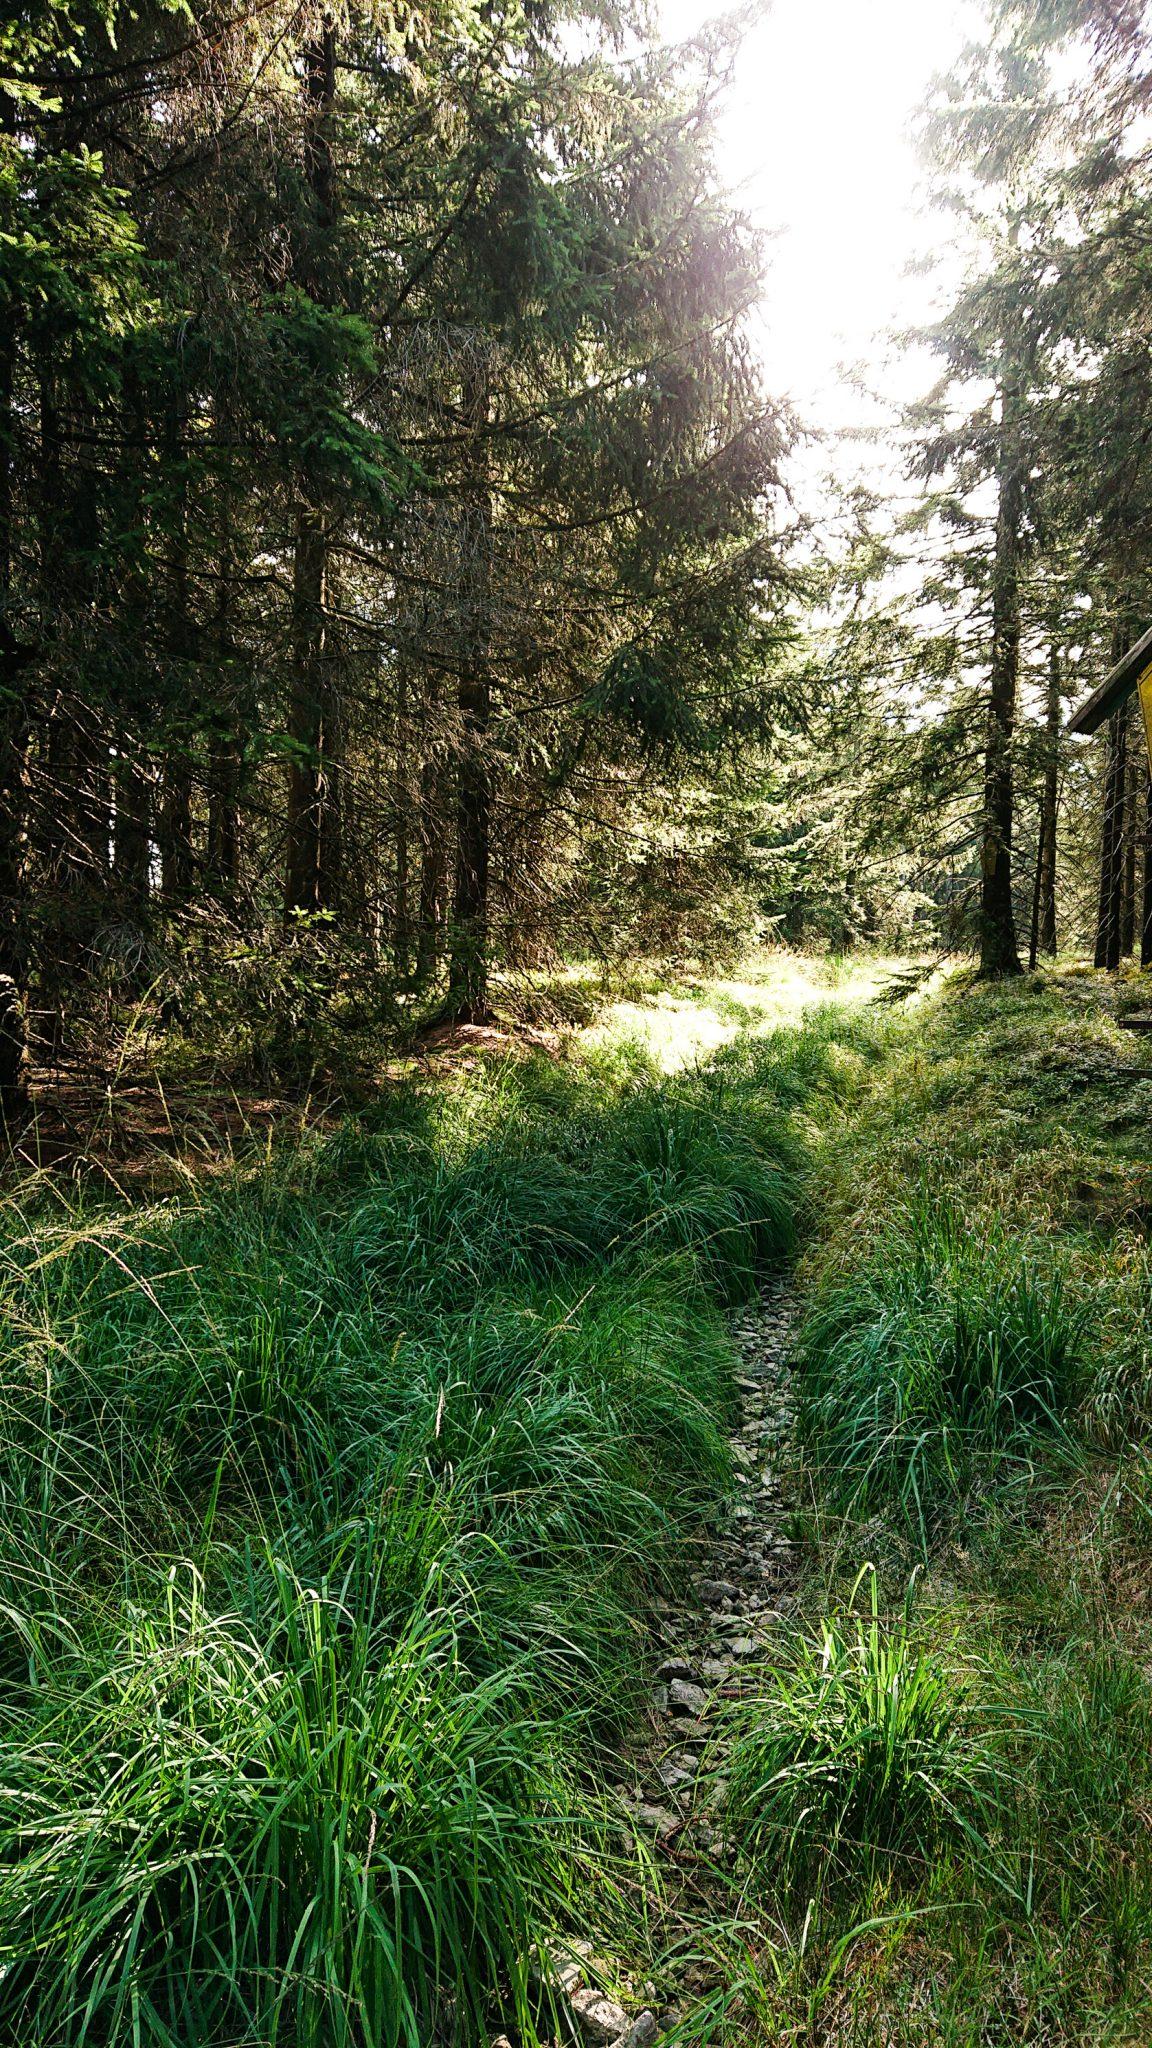 Großer Beerberg Schneekopf und Teufelskanzel, Gipfeltour Wanderung im Thüringer Wald, sehr schmaler Pfad durch schönen Wald, saftig grüne Wiese